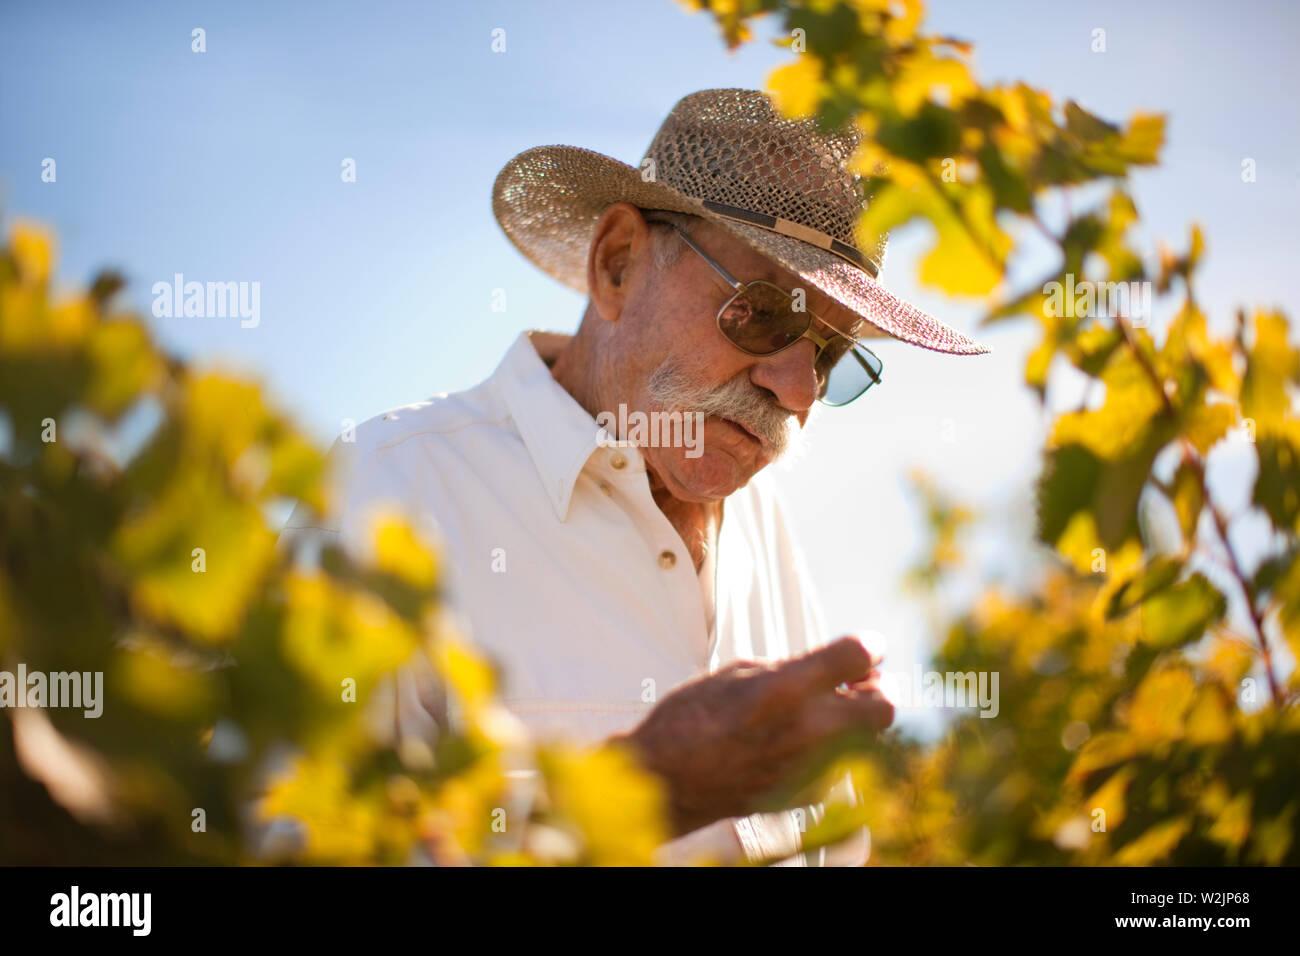 Farmer scrutinising vineyard. - Stock Image